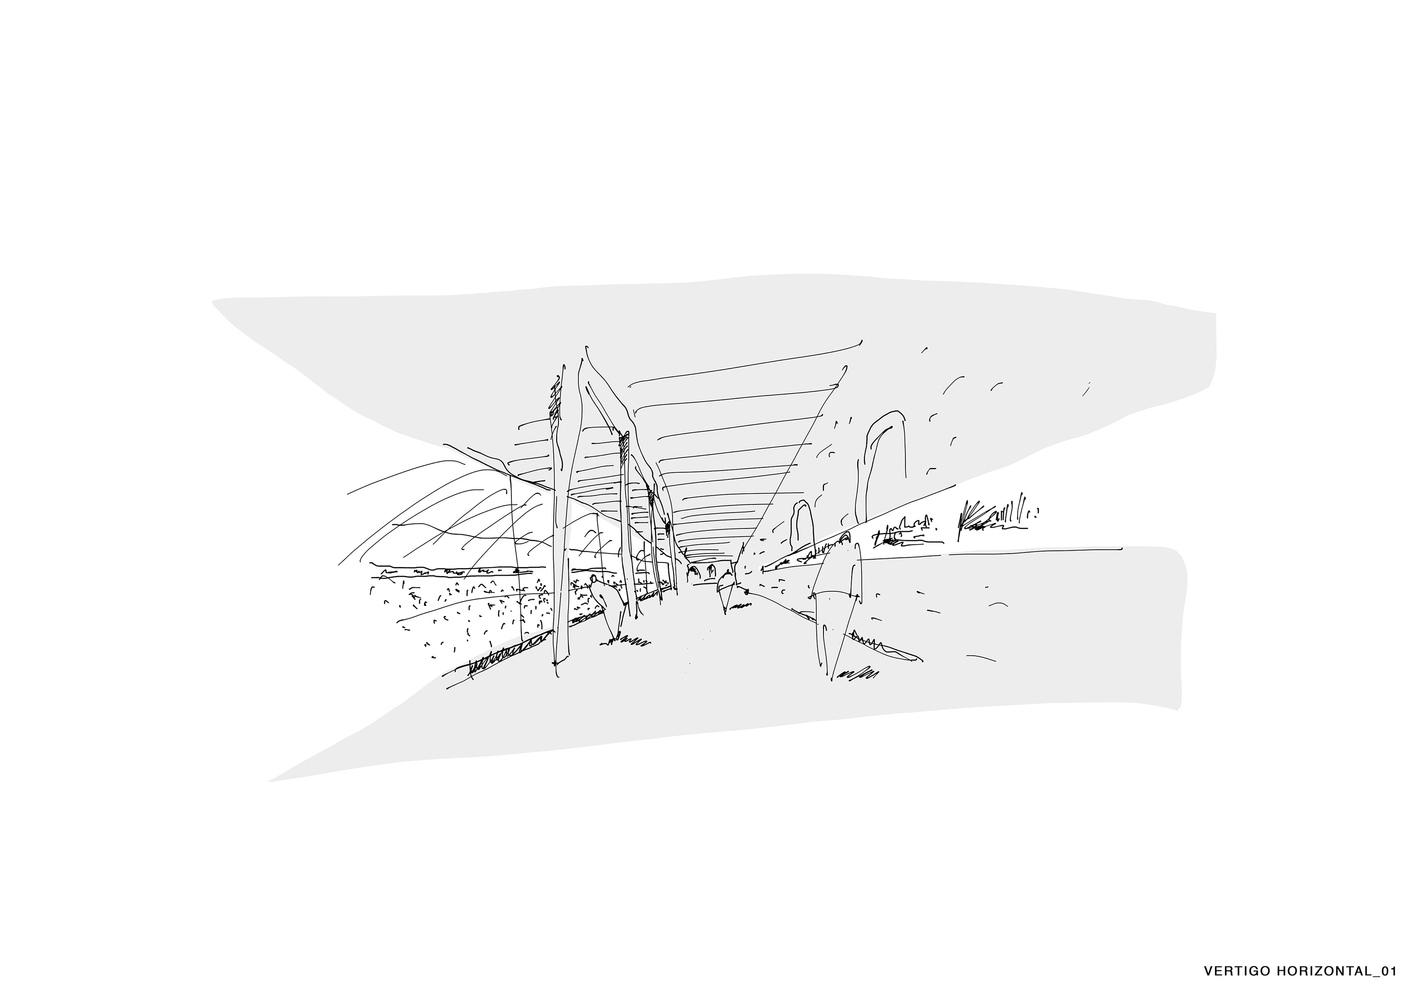 vertigo-horizontal-argentina-bienal-venecia-federico-cairoli-04